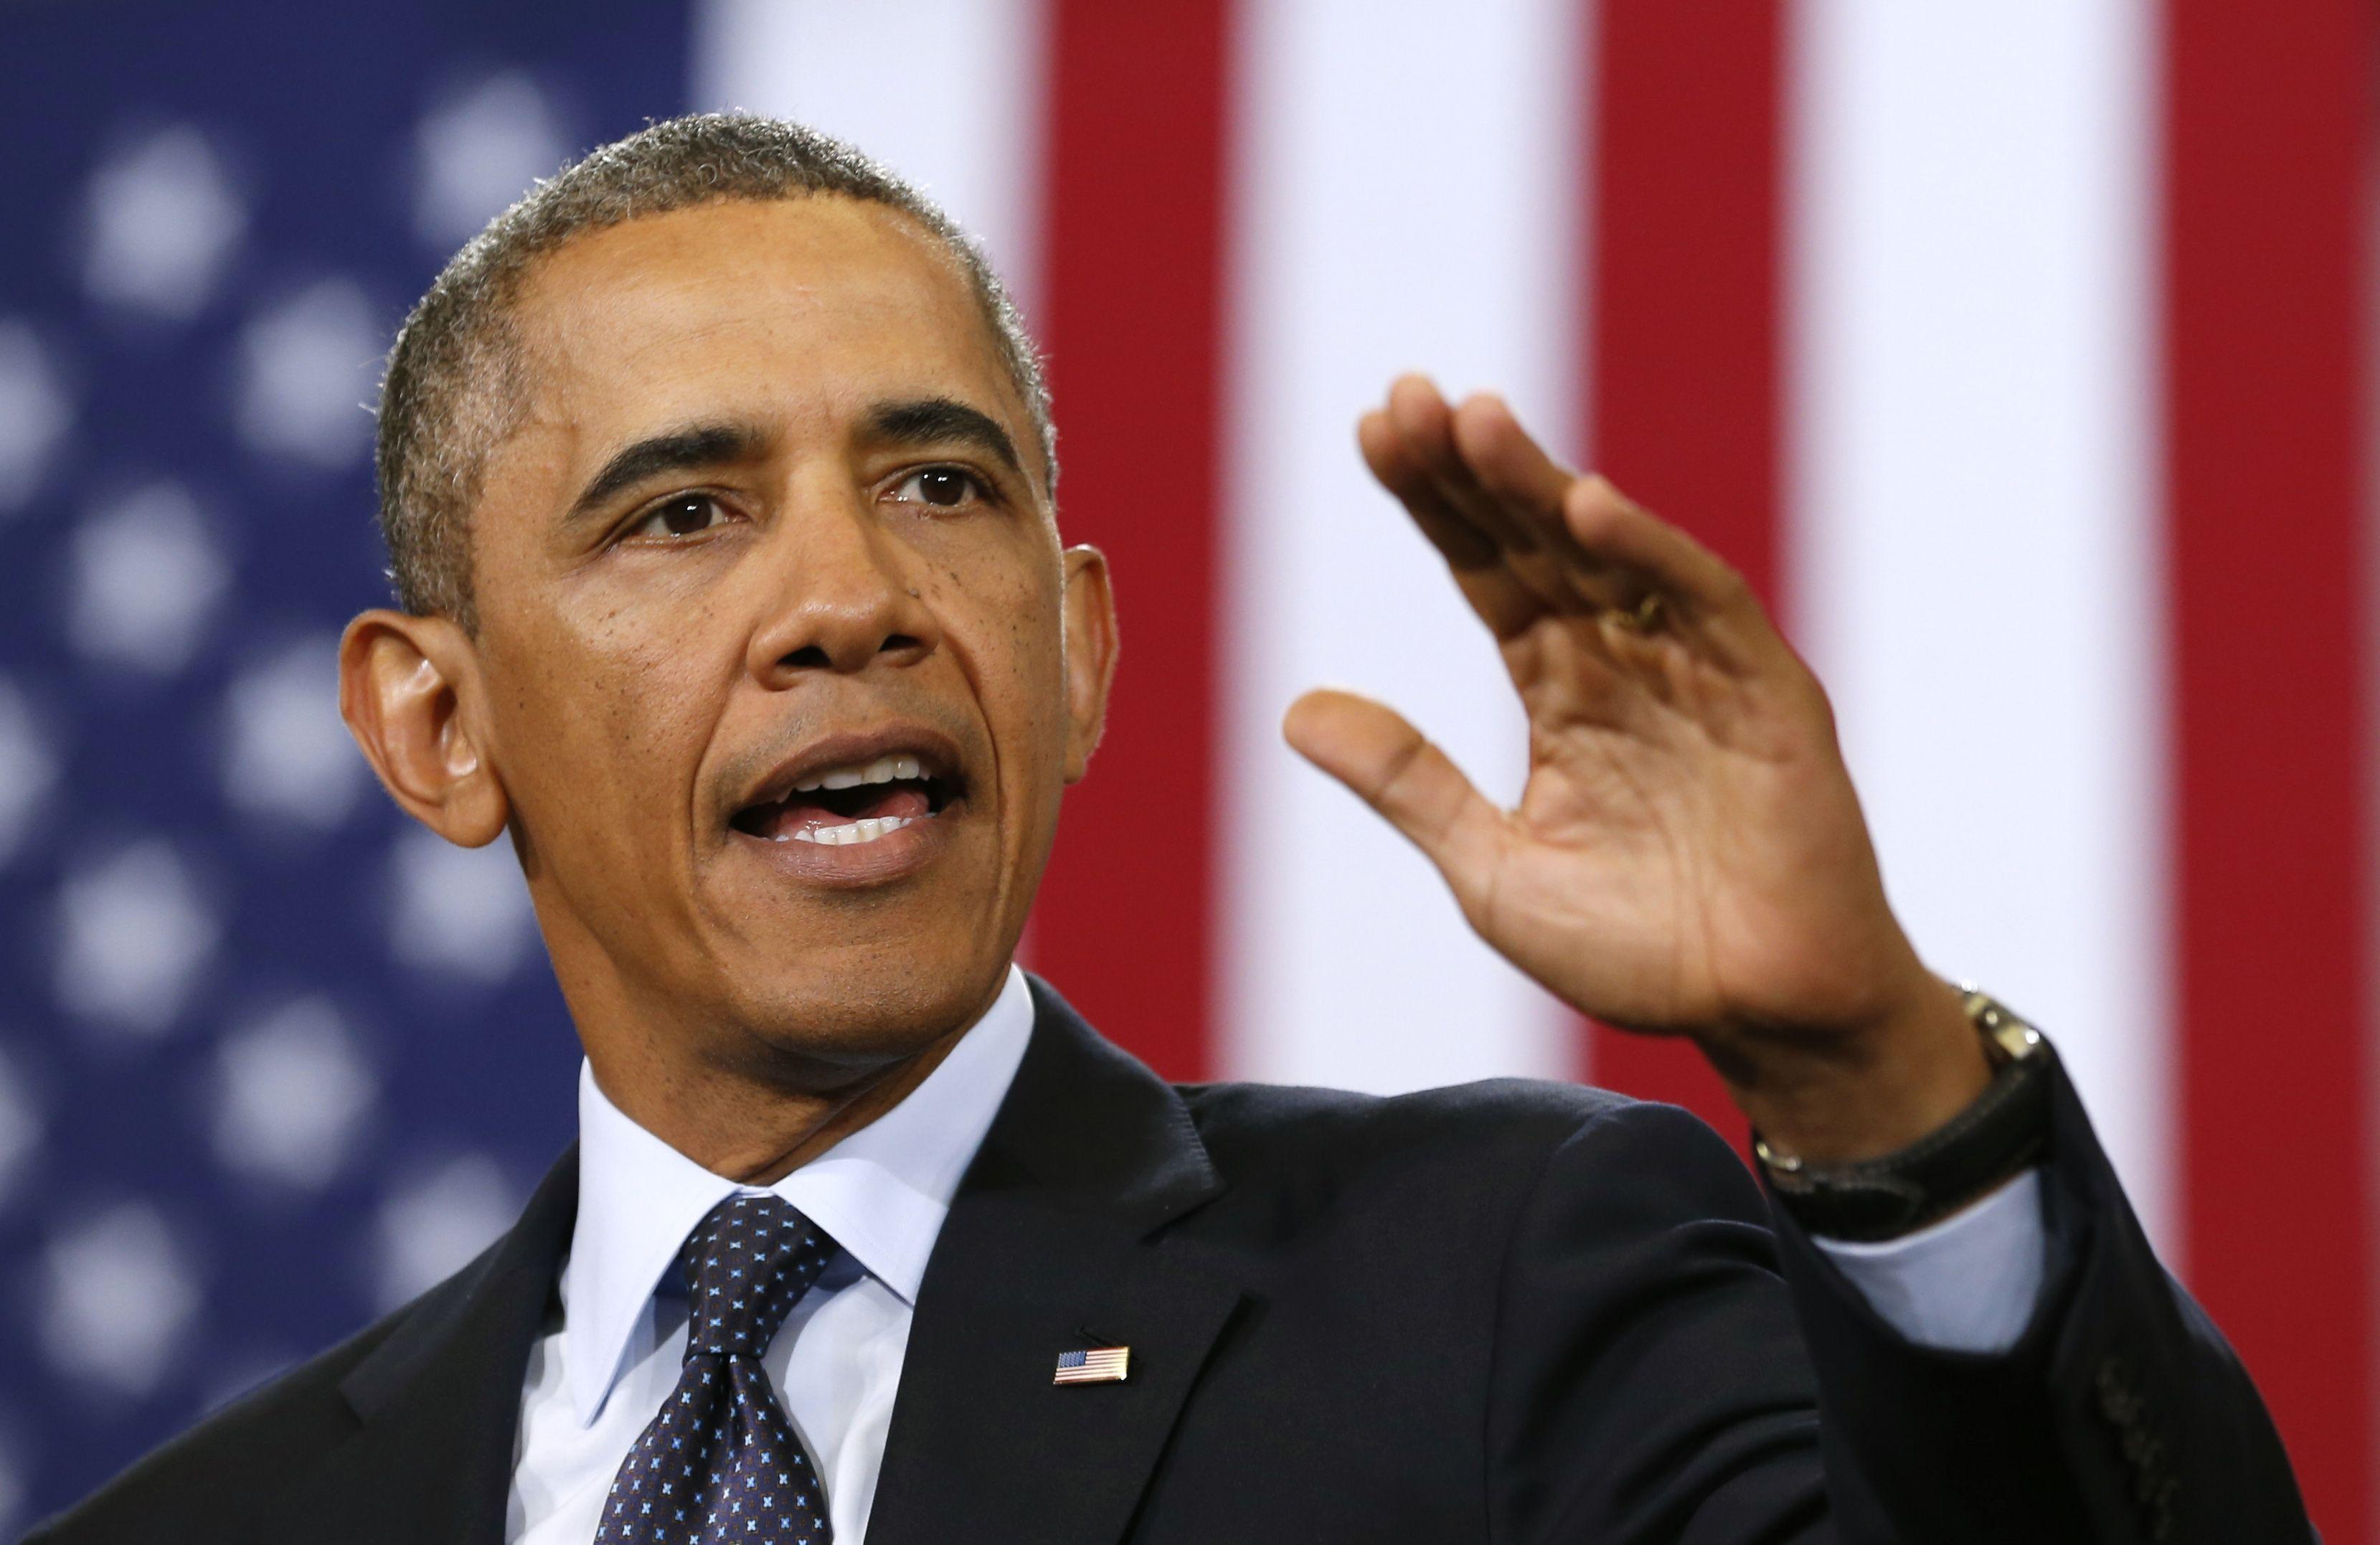 Ahora toca Estados Unidos, primera potencia mundial y un país presidido por Barack Obama, el político más conocido actualmente.